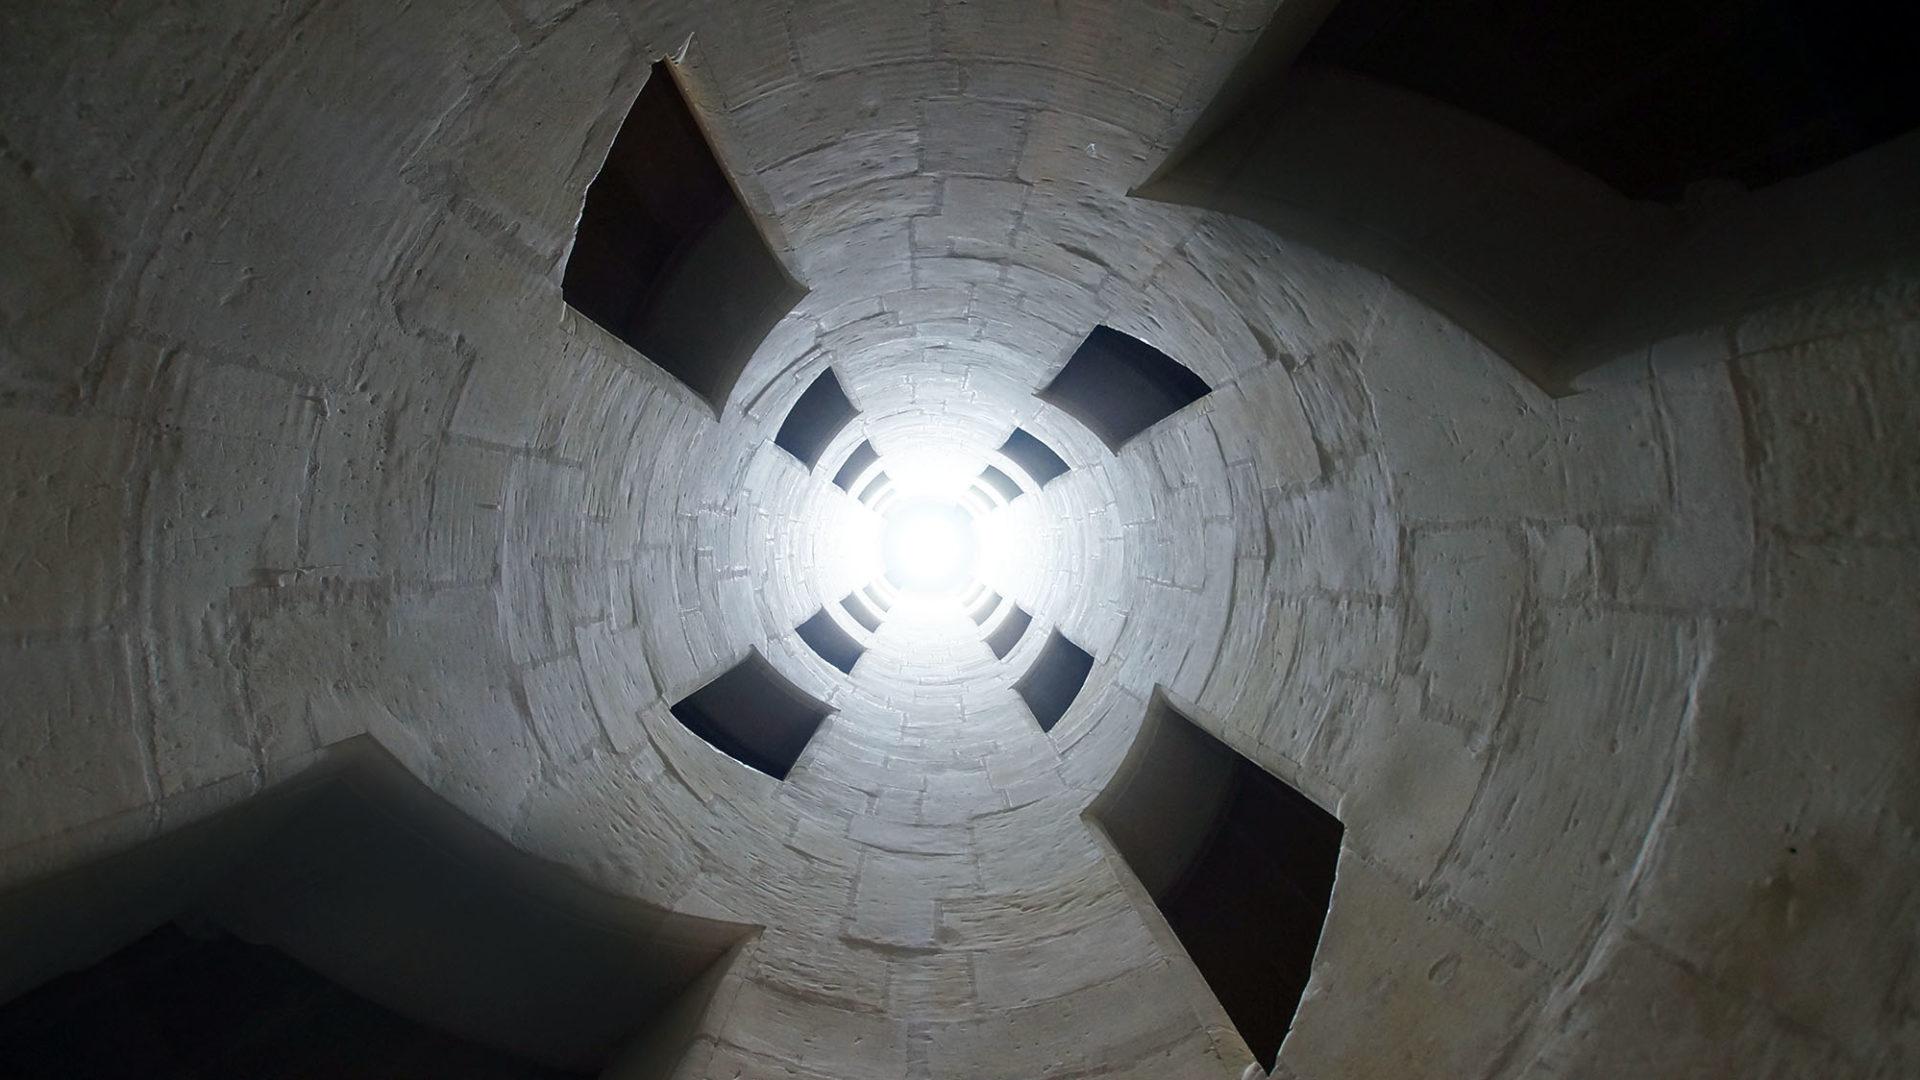 Le plan giratoire : l'ombre de Léonard de Vinci